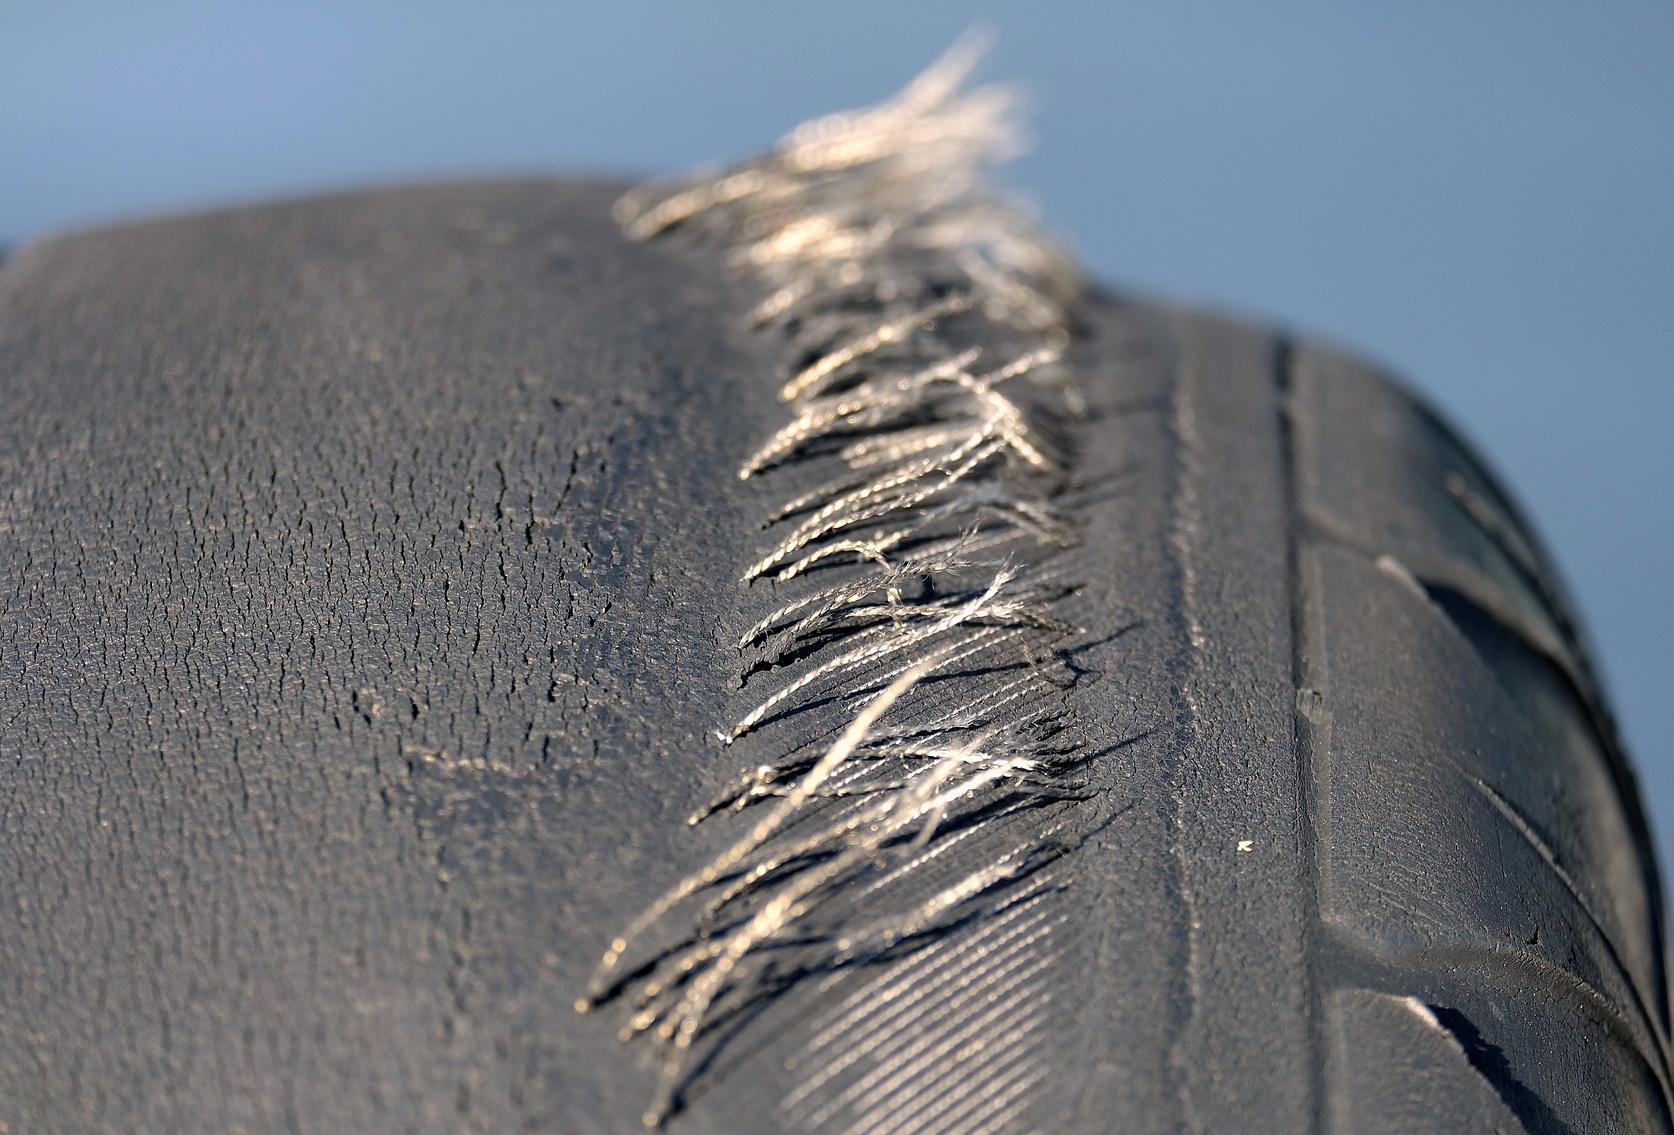 Bevor Es Gefährlich Wird Wie Erkenne Ich Abgefahrene Reifen